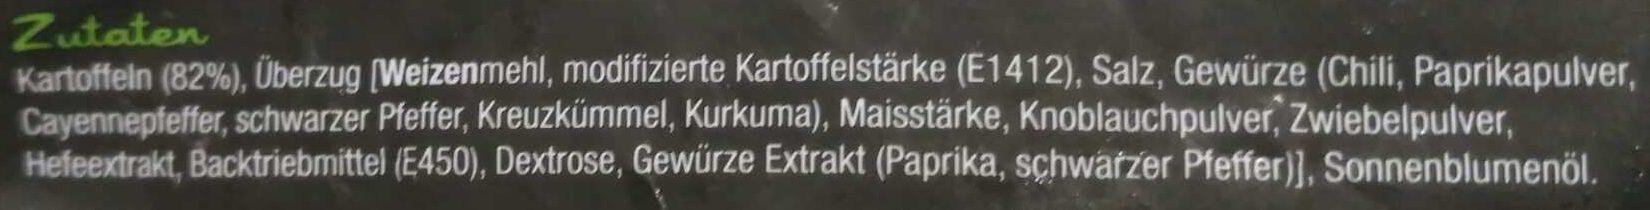 Twisted Fries Seasoned - Ingrédients